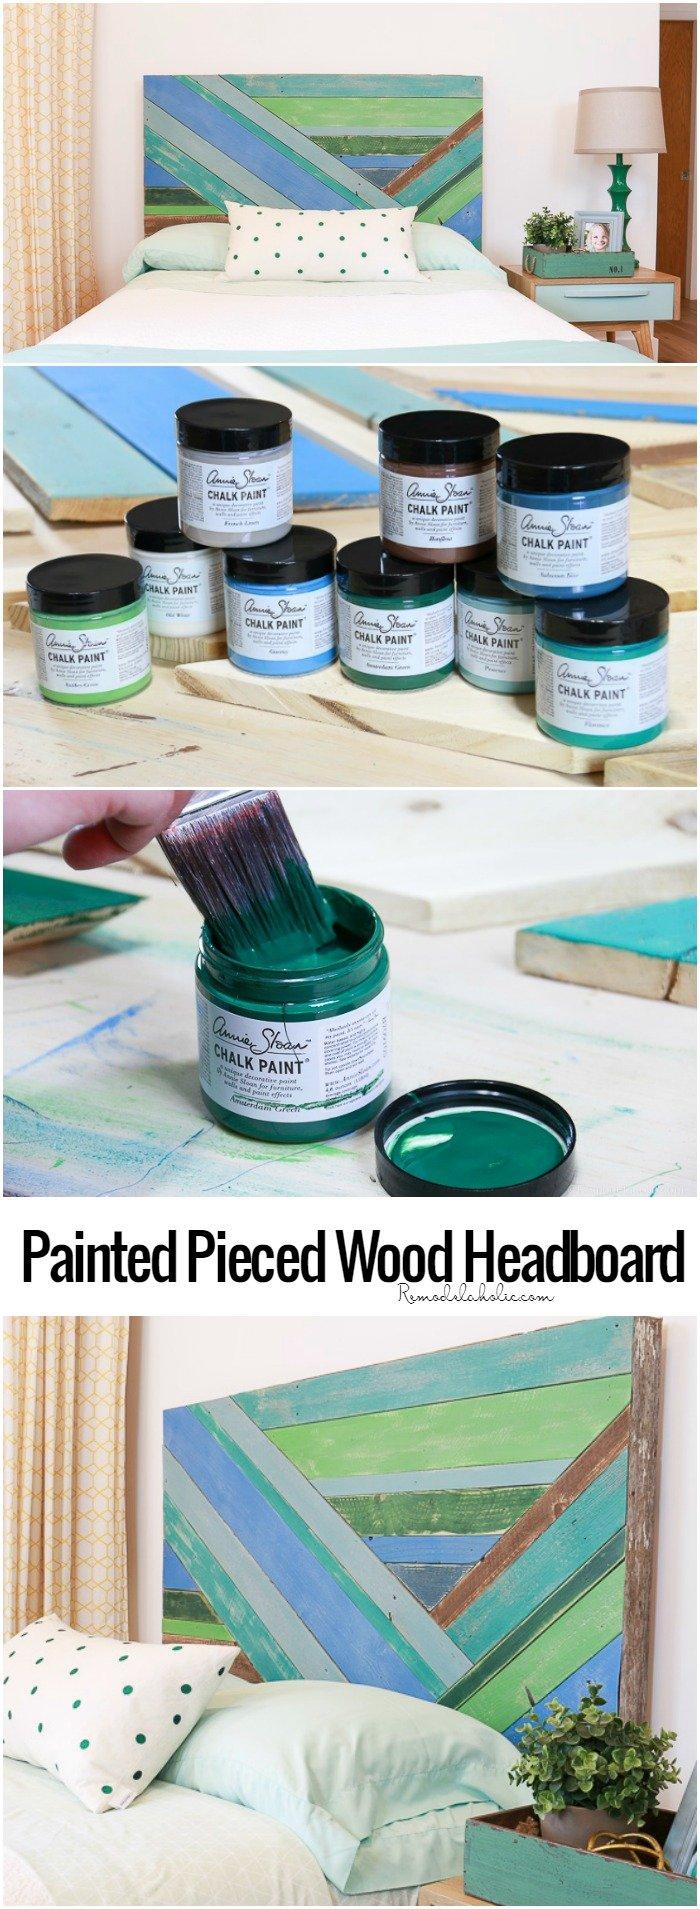 Pieced Wood Headboard Tutorial